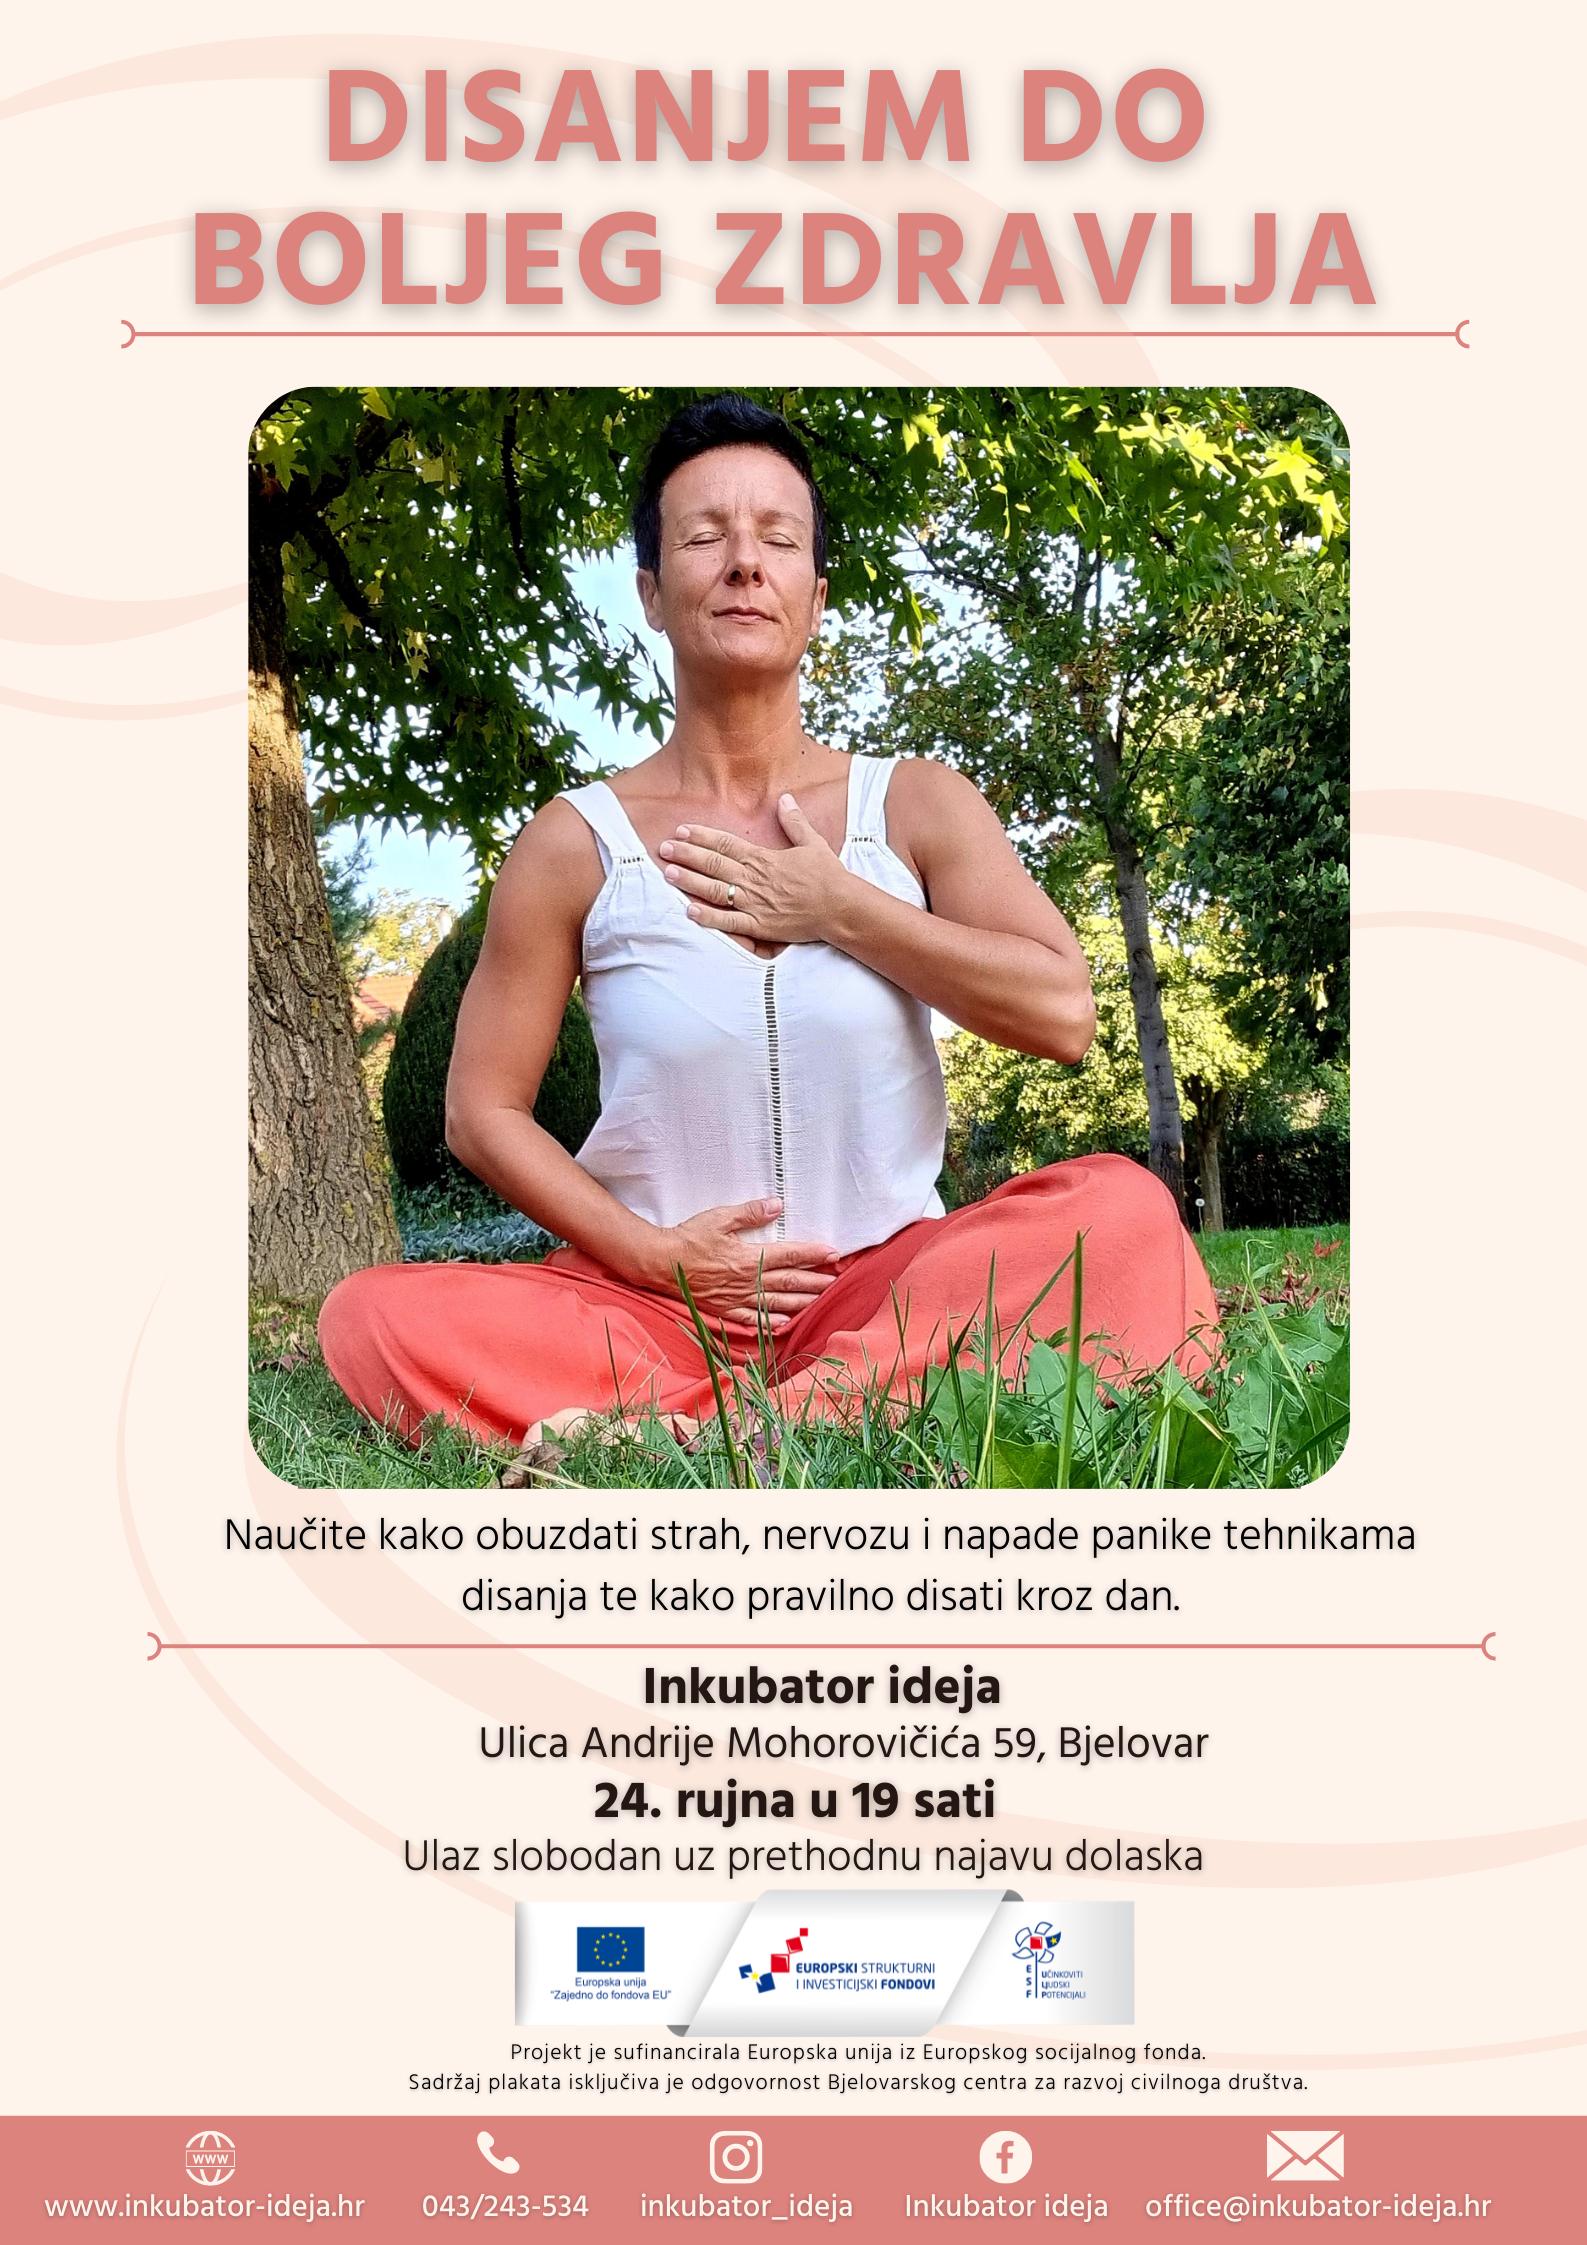 Marijana Jurković otkriva kako disanjem do boljeg zdravlja